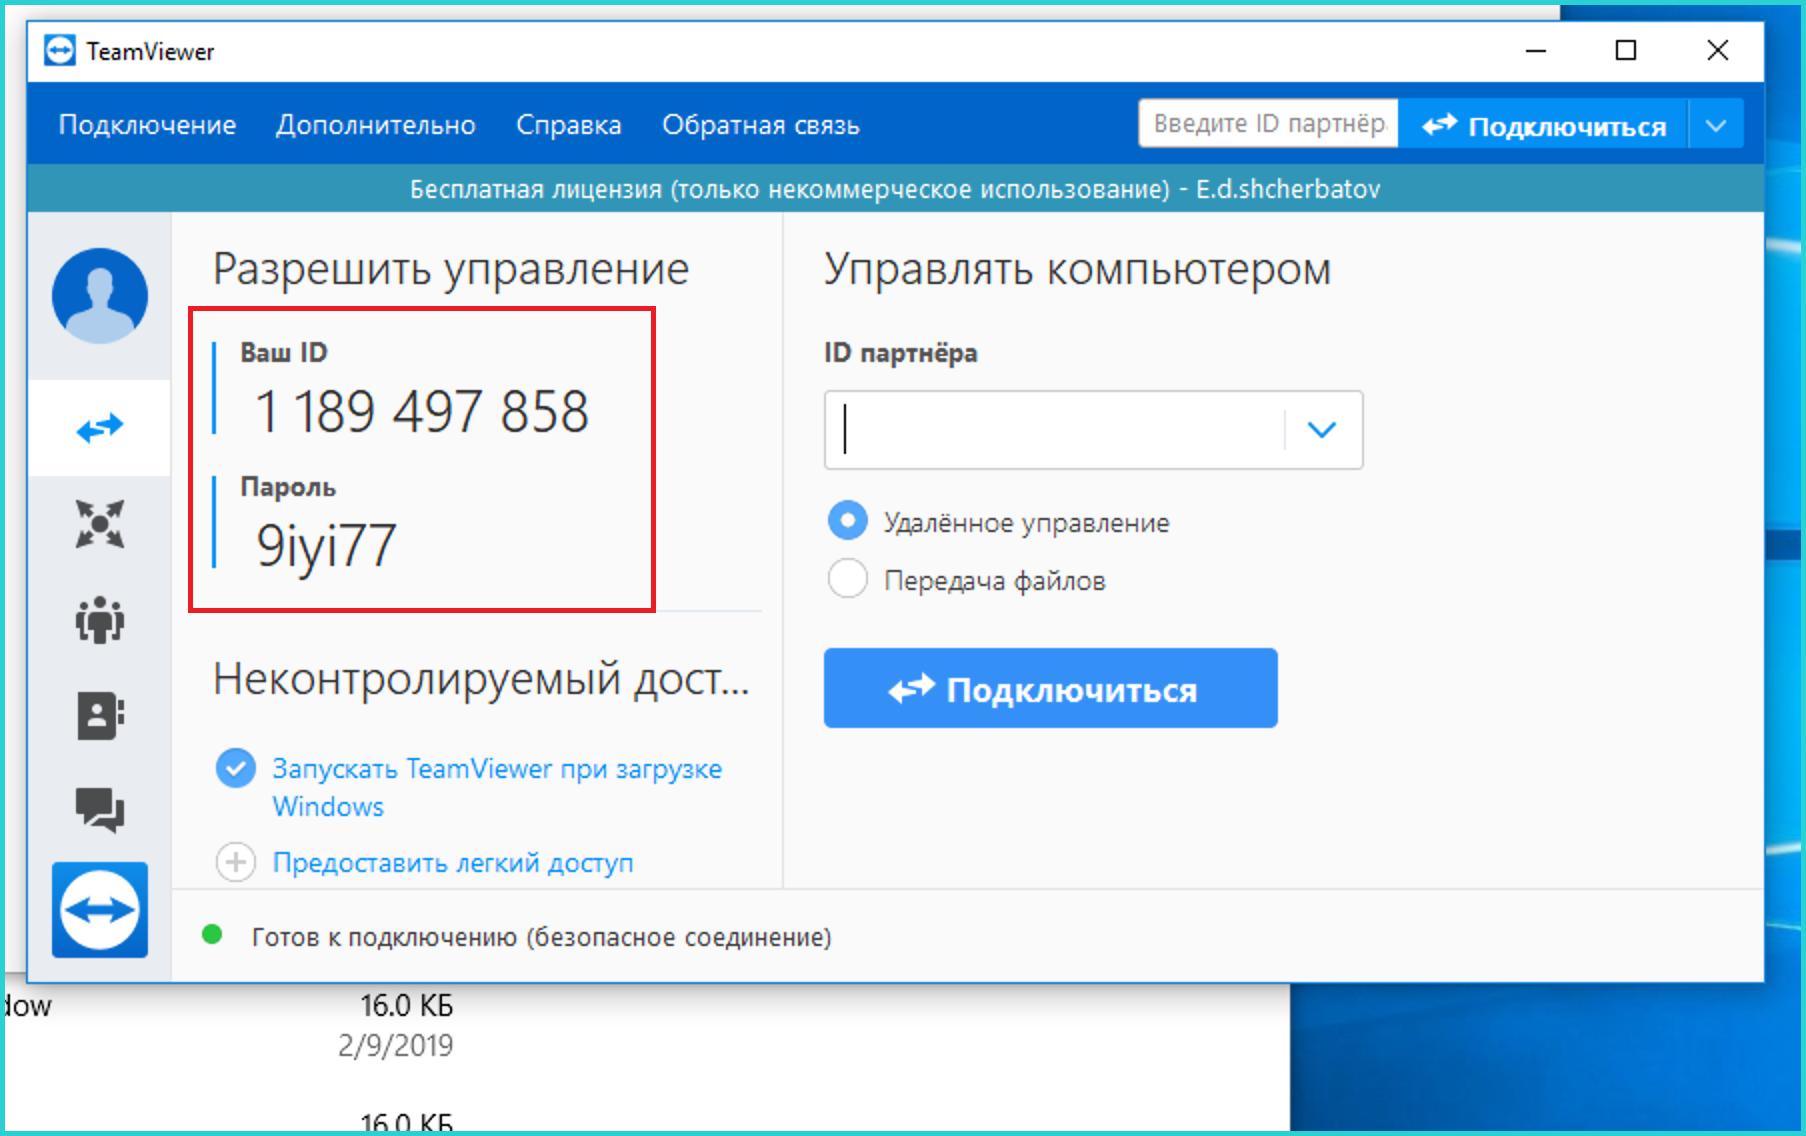 Записываем данные ID и пароля, сворачиваем окно программы